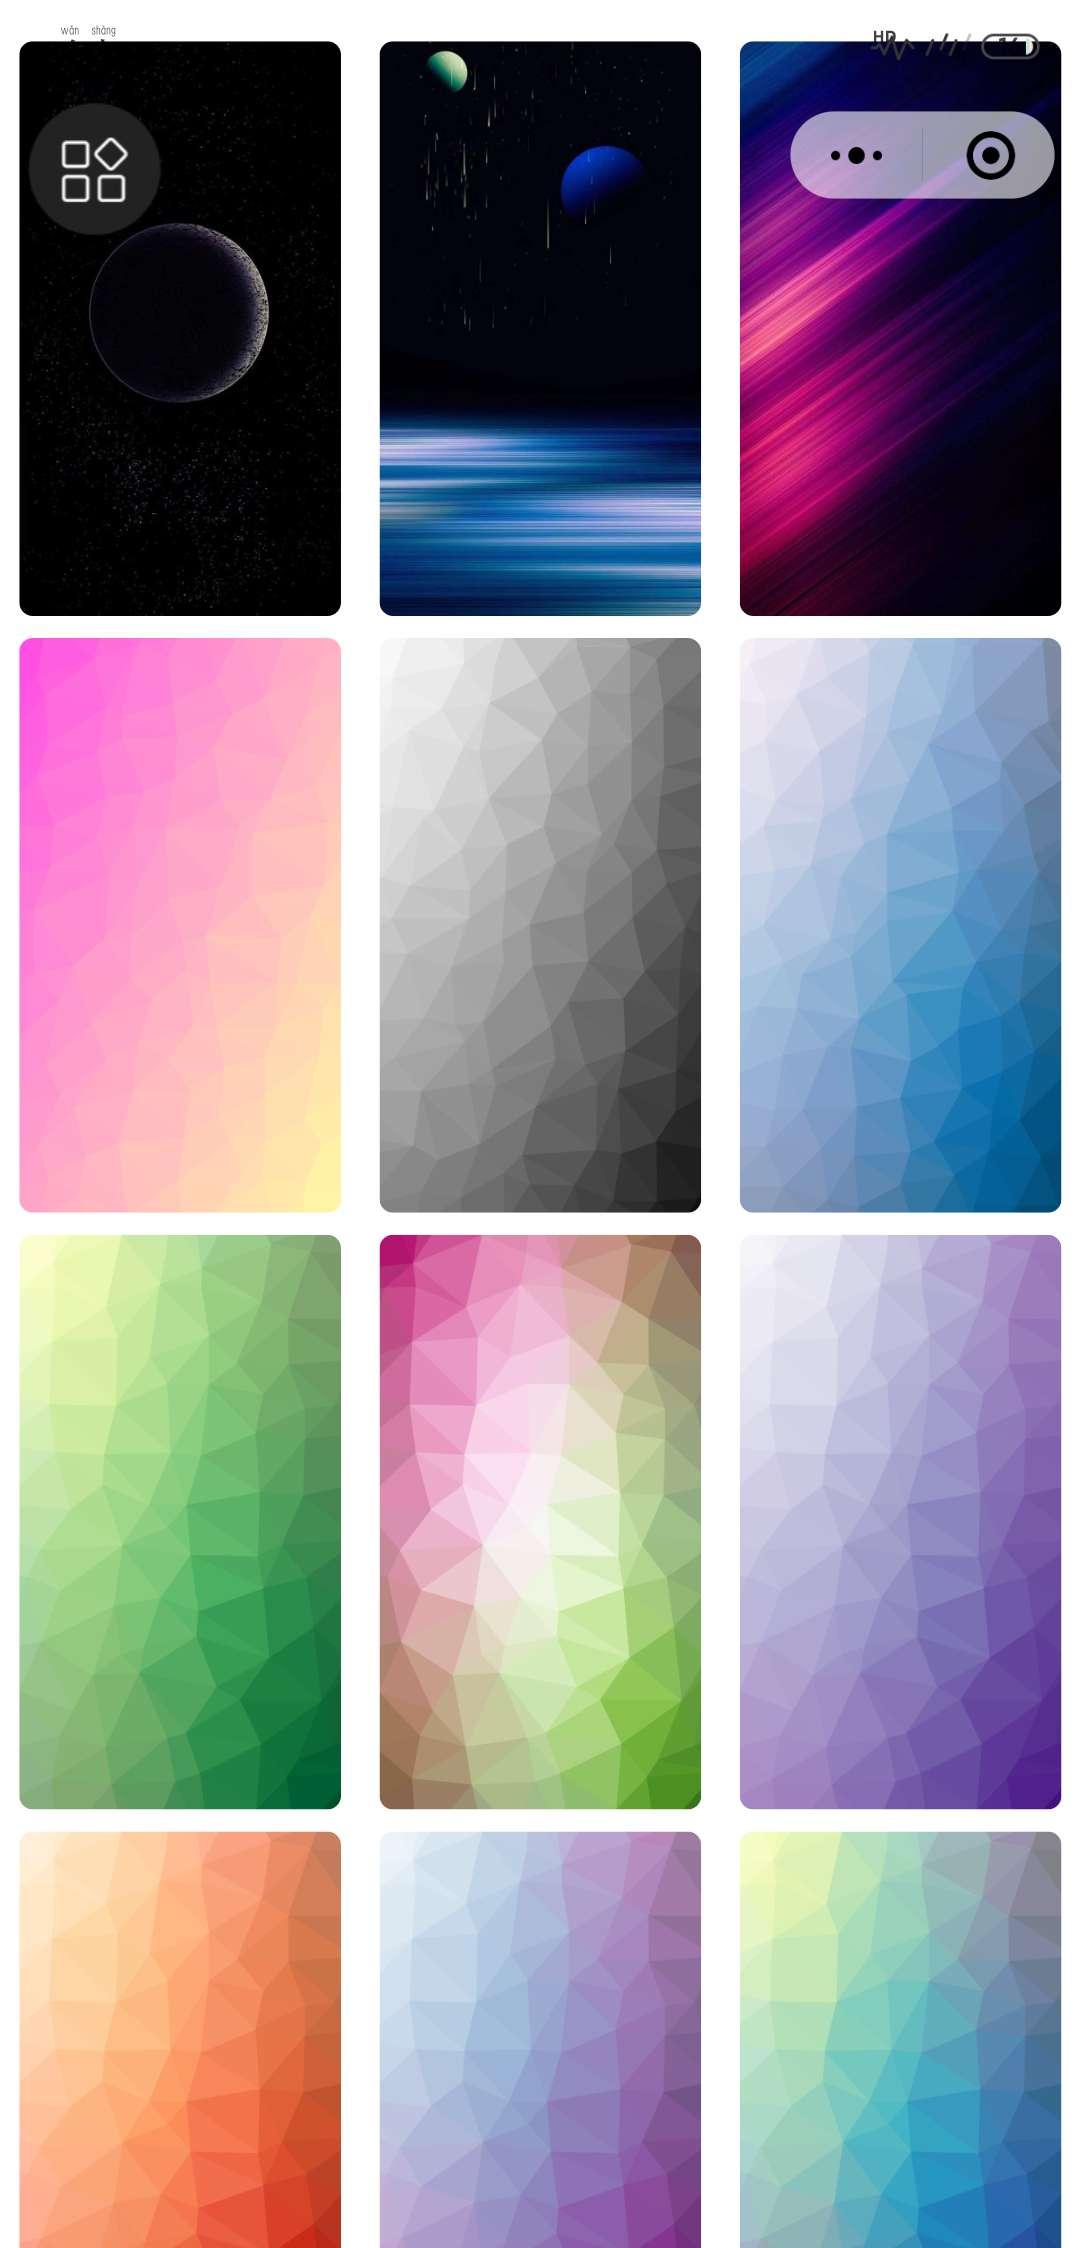 【小程序】免费高清手机壁纸 万千种类,供您选择。微信小程序-爱小助